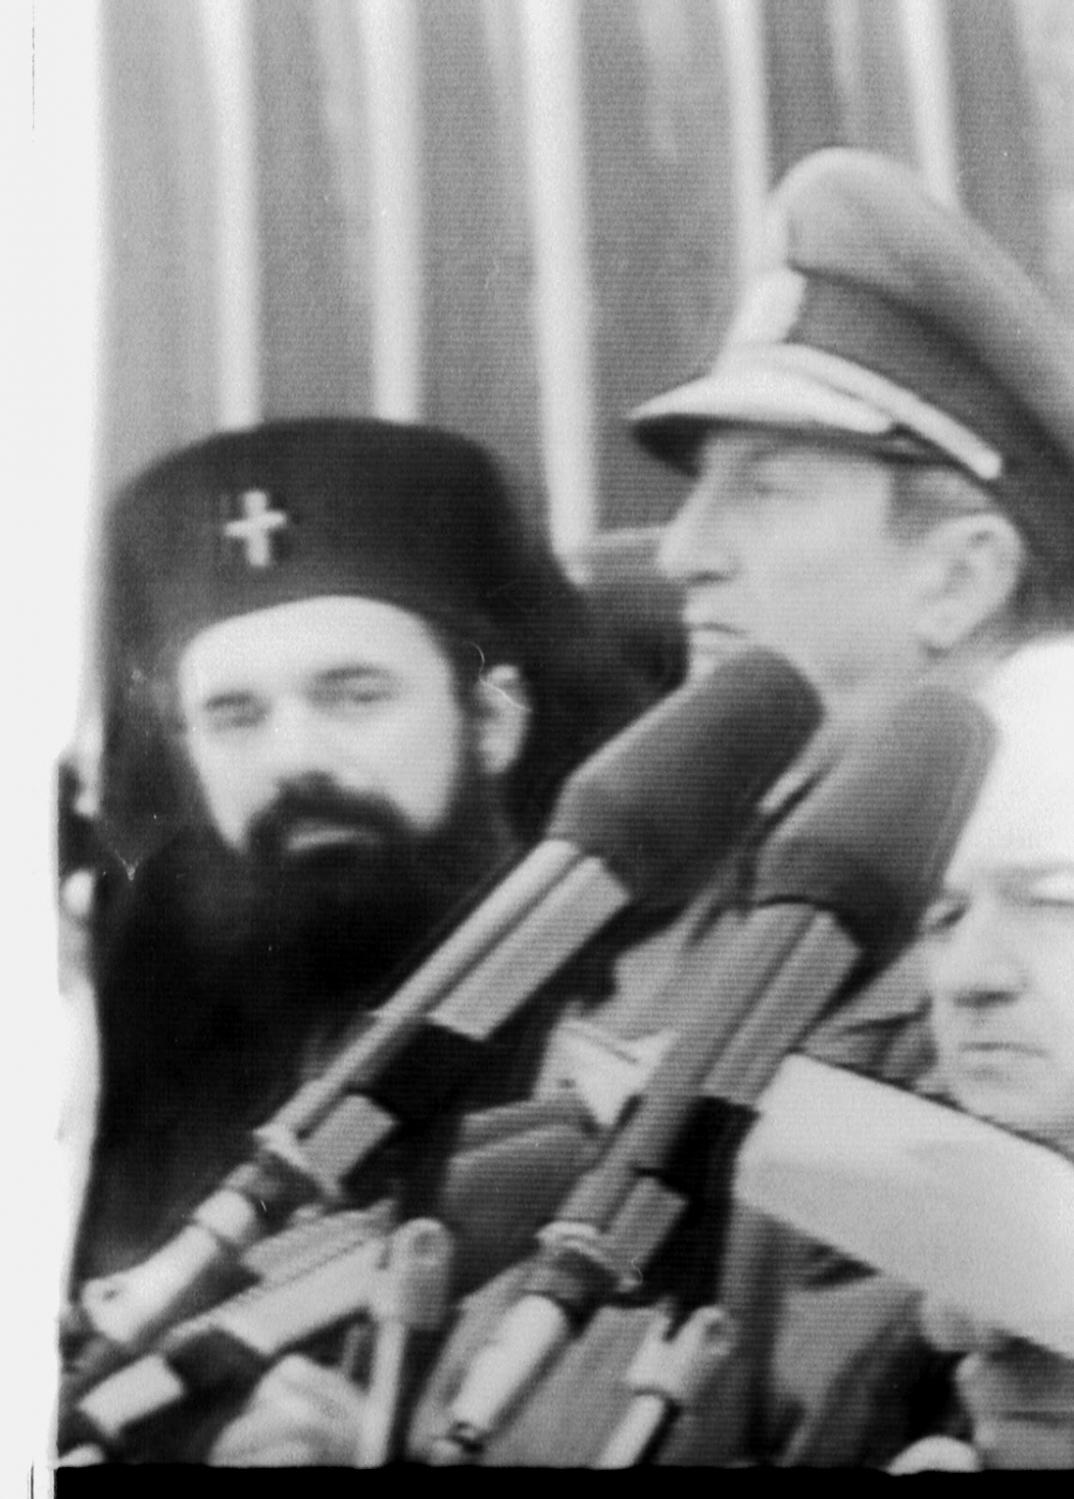 Daniel, proaspătul Mitropolit al Moldovei, pe 1 Decembrie 1990 la Alba Iulia, la sărbătorirea primei Zile Naţionale, alături de geneneralul Victor Athansie Stănculescu şi Dan Marţian, politrucul comunist.